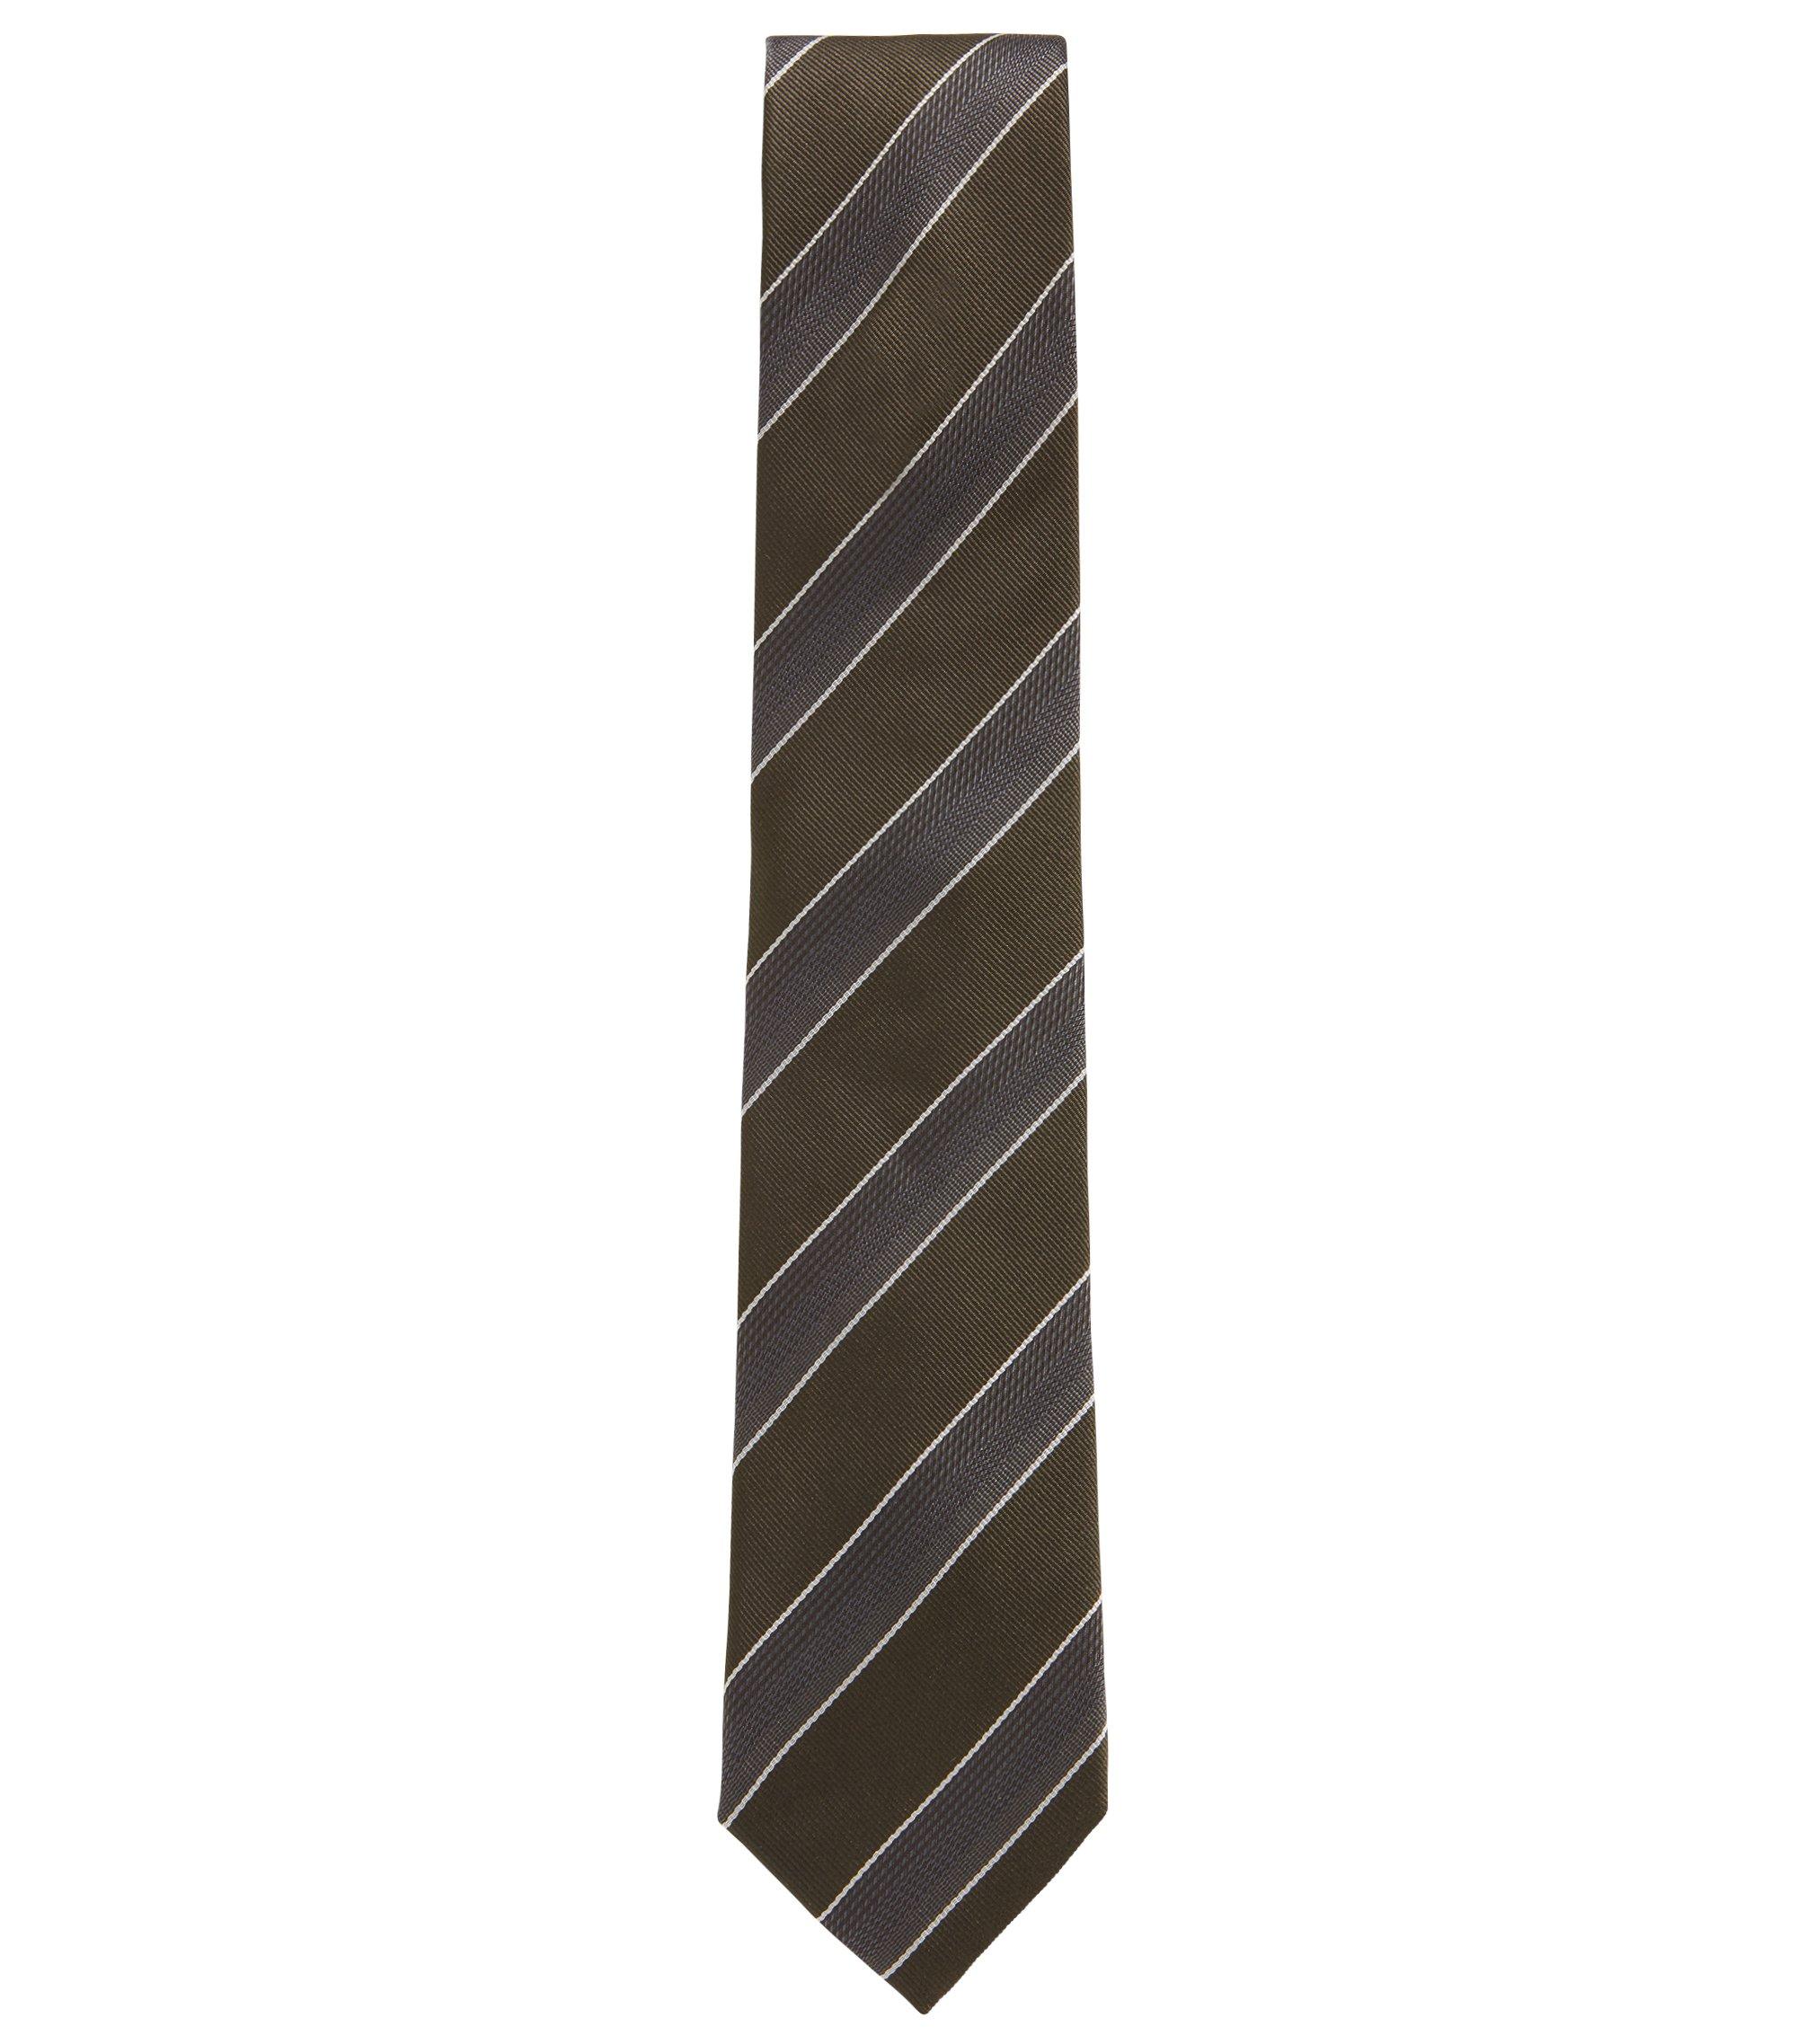 Corbata de rayas diagonales en tejido jacquard de seda con textura, Verde oscuro